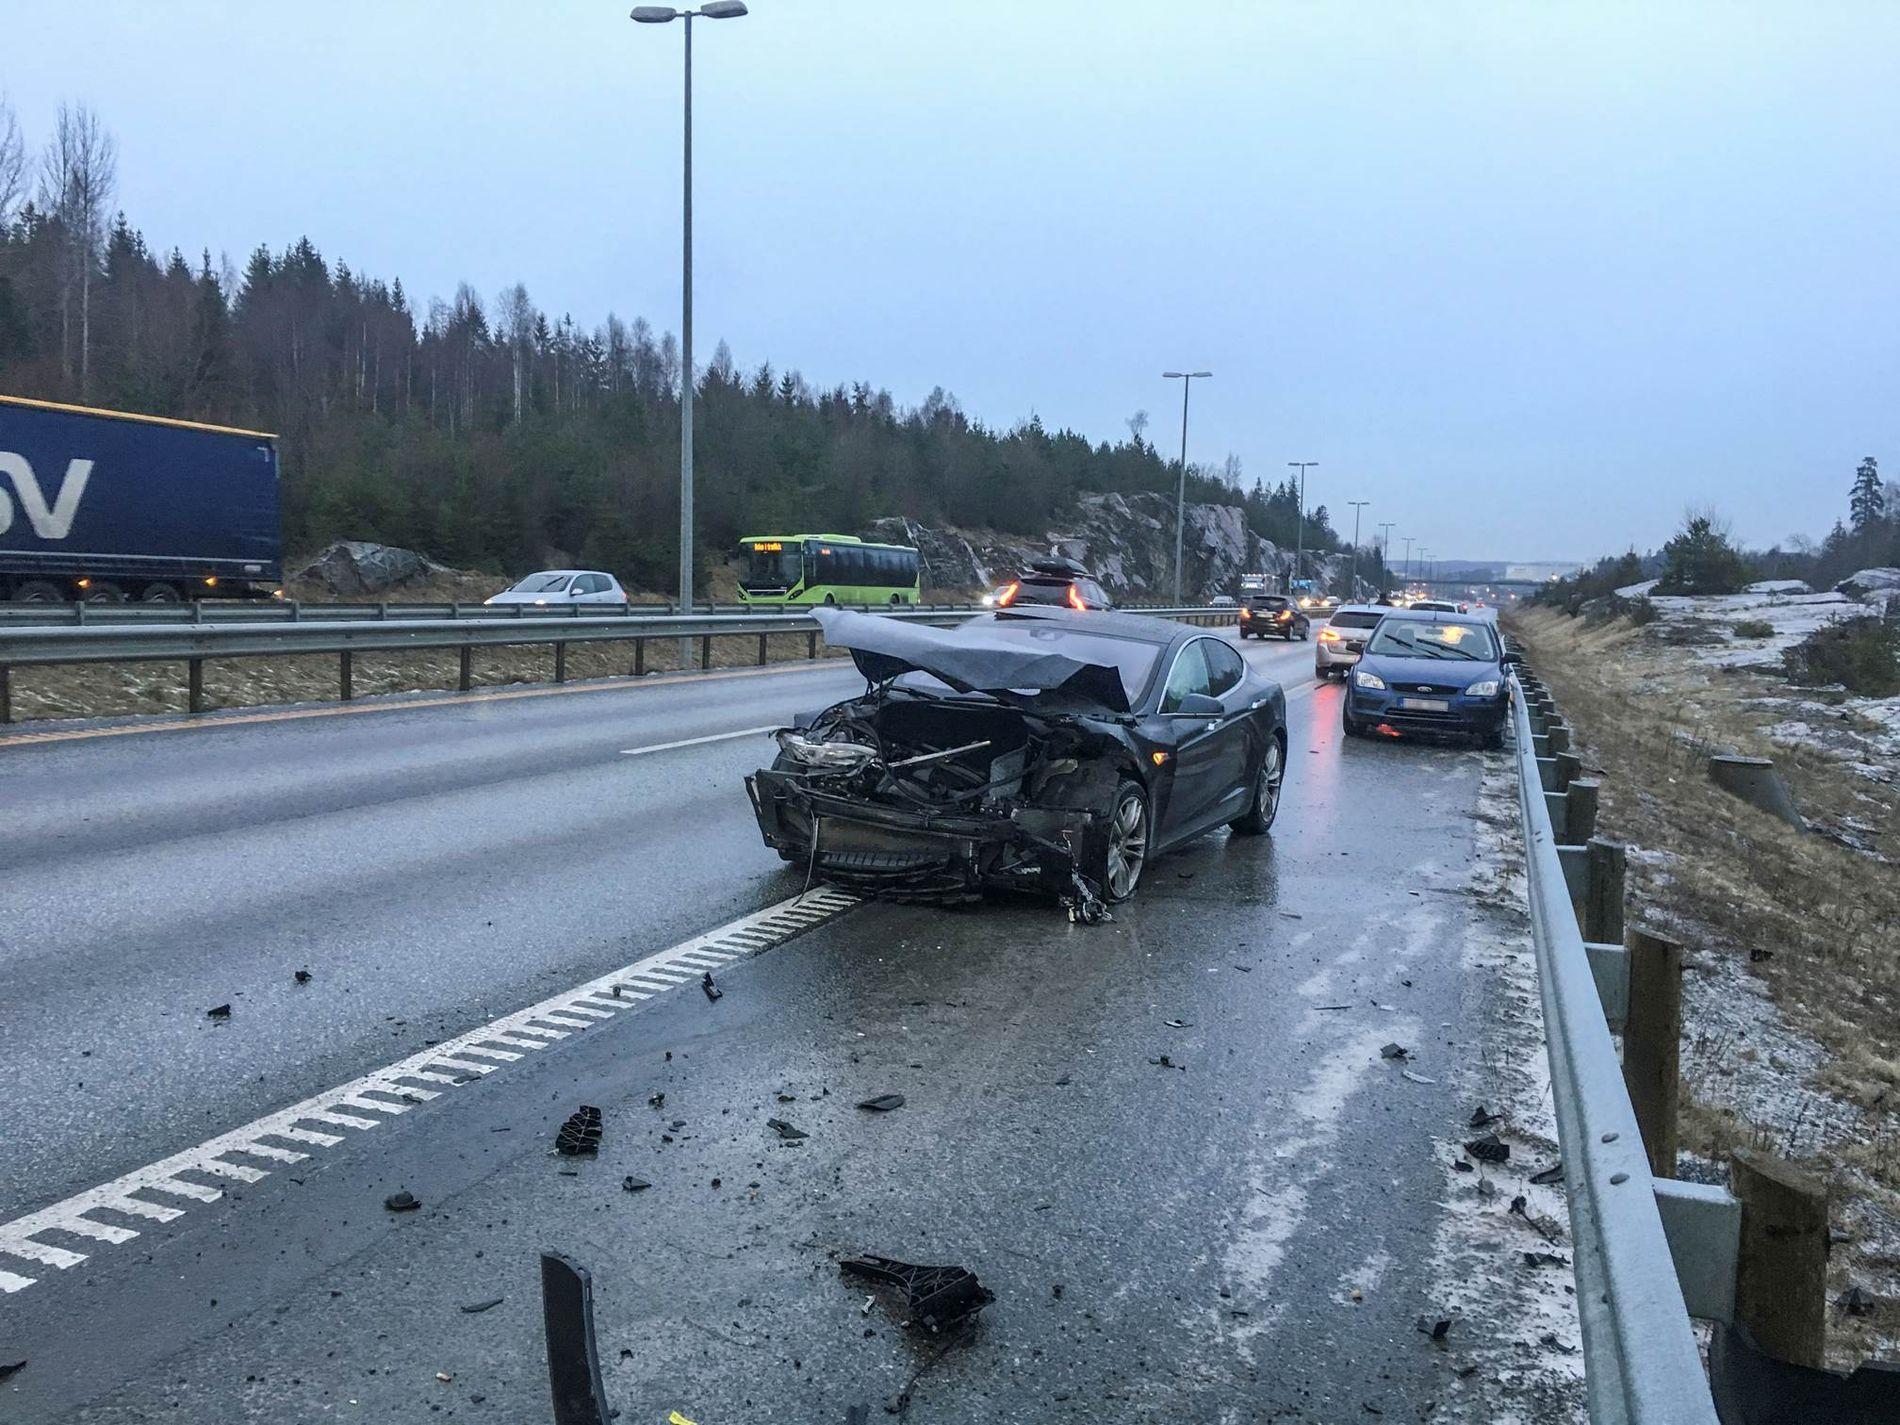 GLATTE VEIER OVER HELE LANDET: Trafikkulykke på E6 mellom Ås og Son. I store deler av landet har underkjølt regn ført til trafikkuhell med mange involverte biler tirsdag ettermiddag.